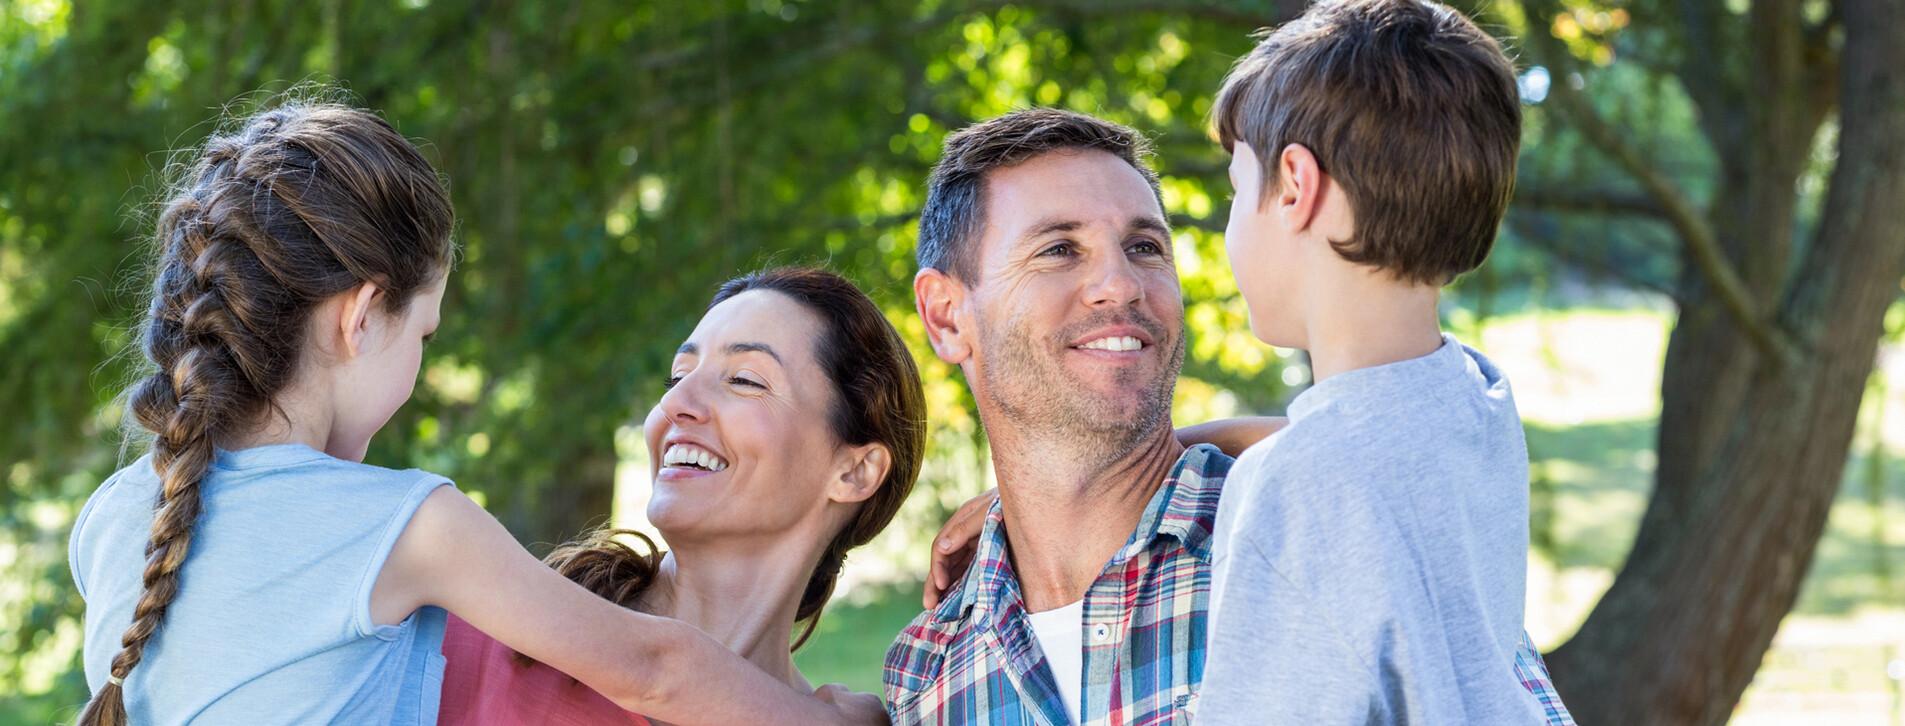 Фото 1 - Семейный загородный уикенд